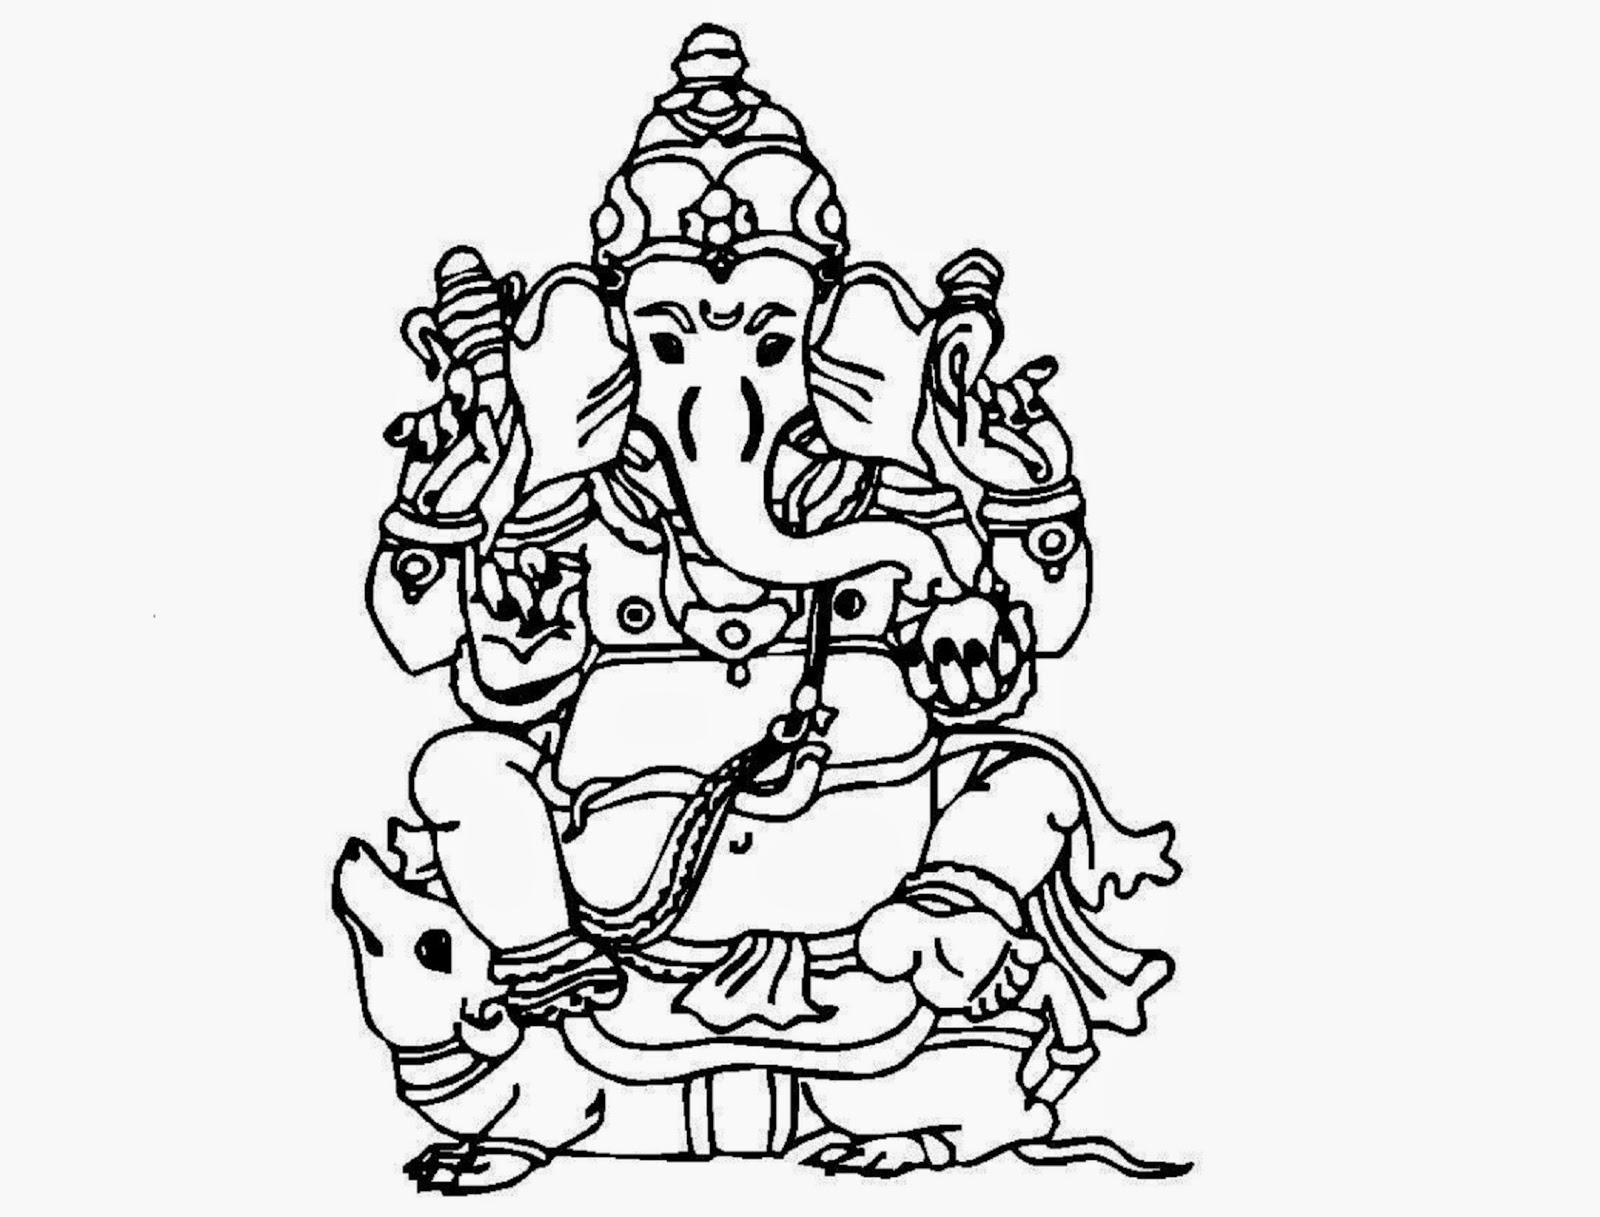 Ganpati Drawing at GetDrawings com | Free for personal use Ganpati